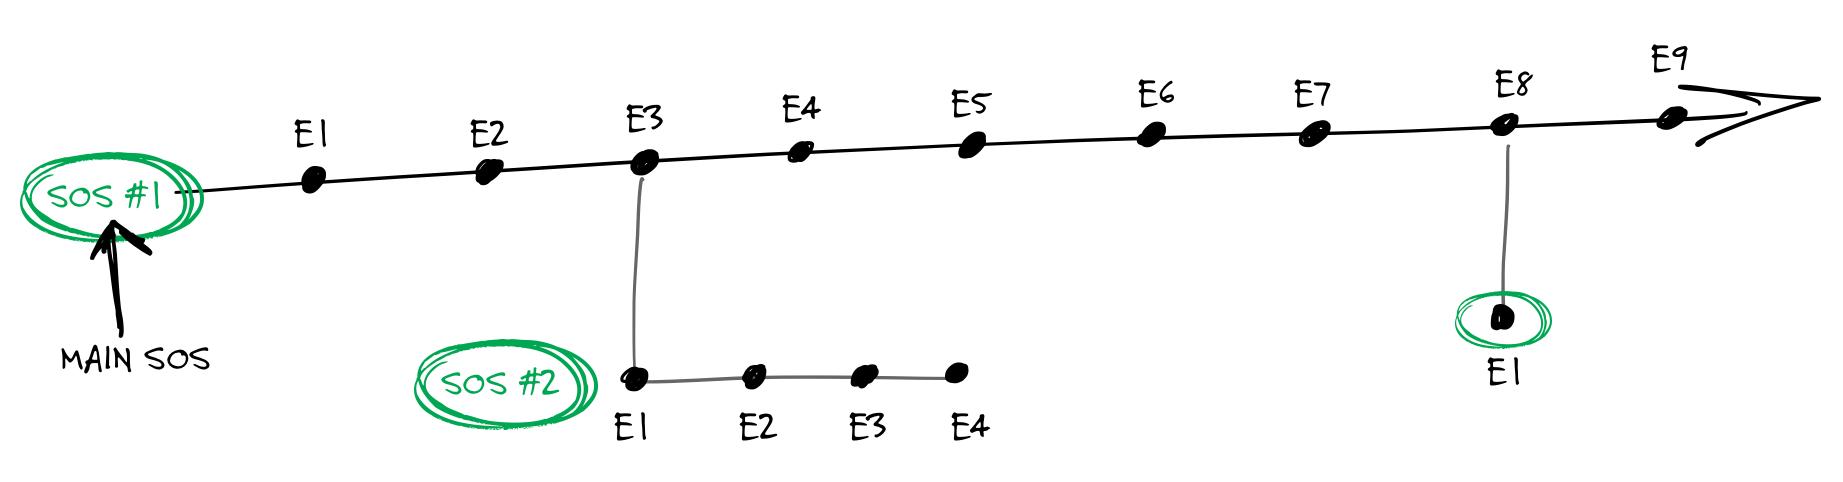 Soap Opera Sequence (SOS)